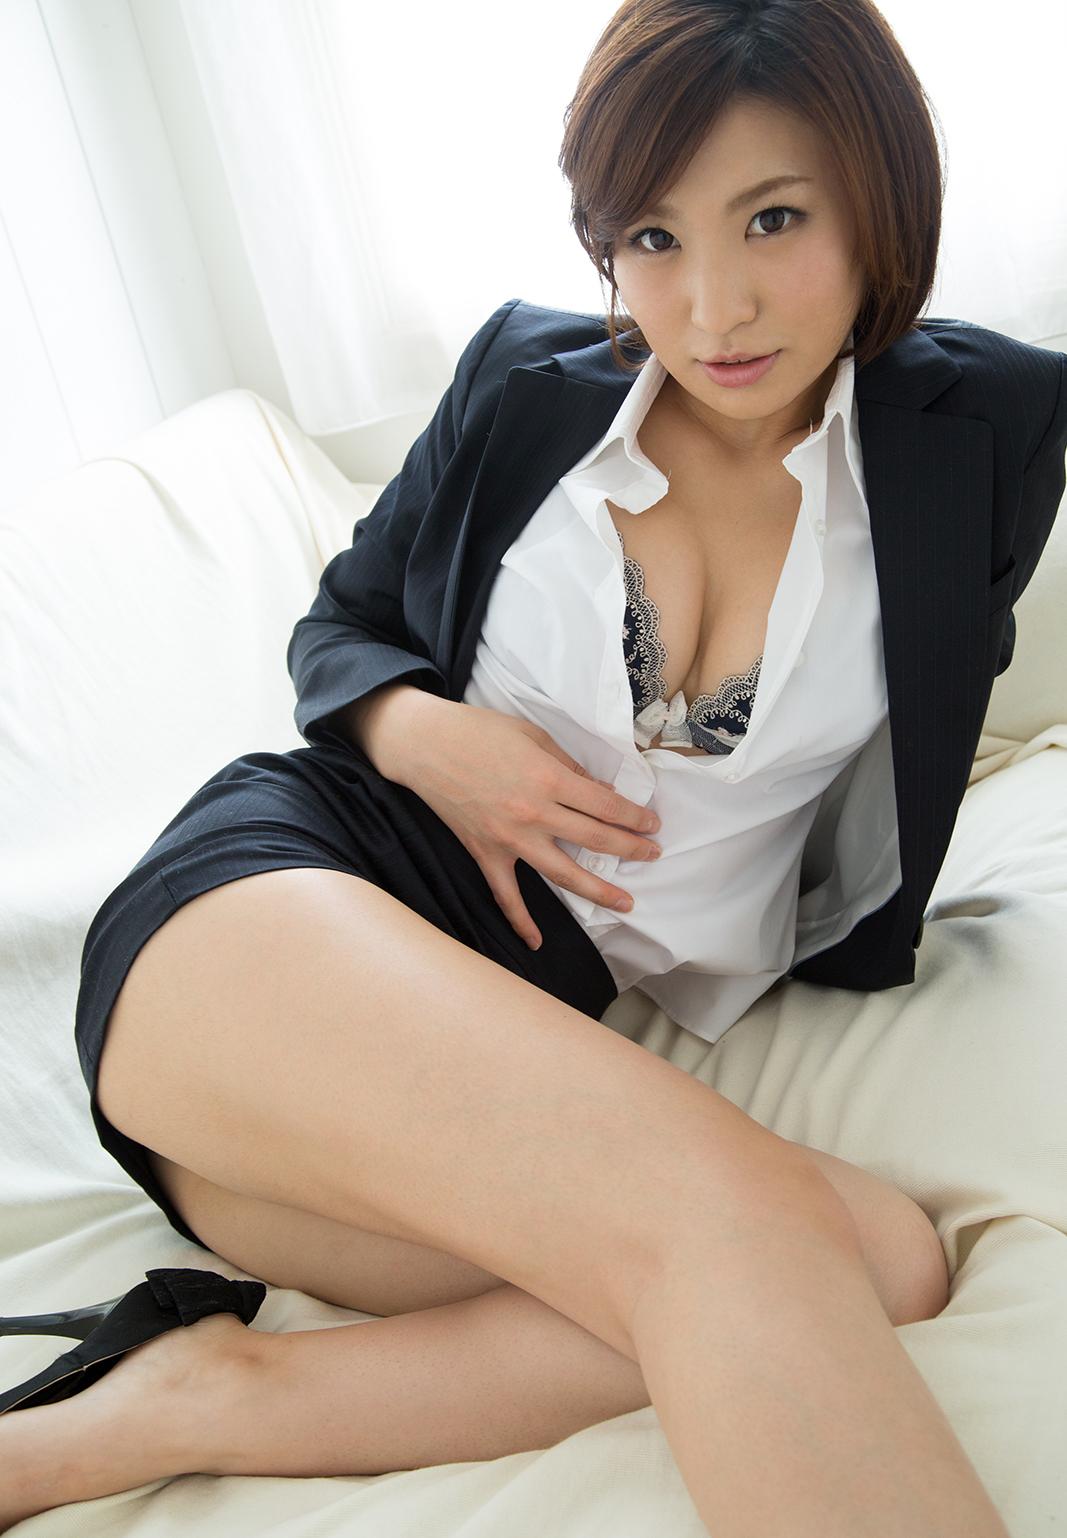 夏希みなみ 画像 48